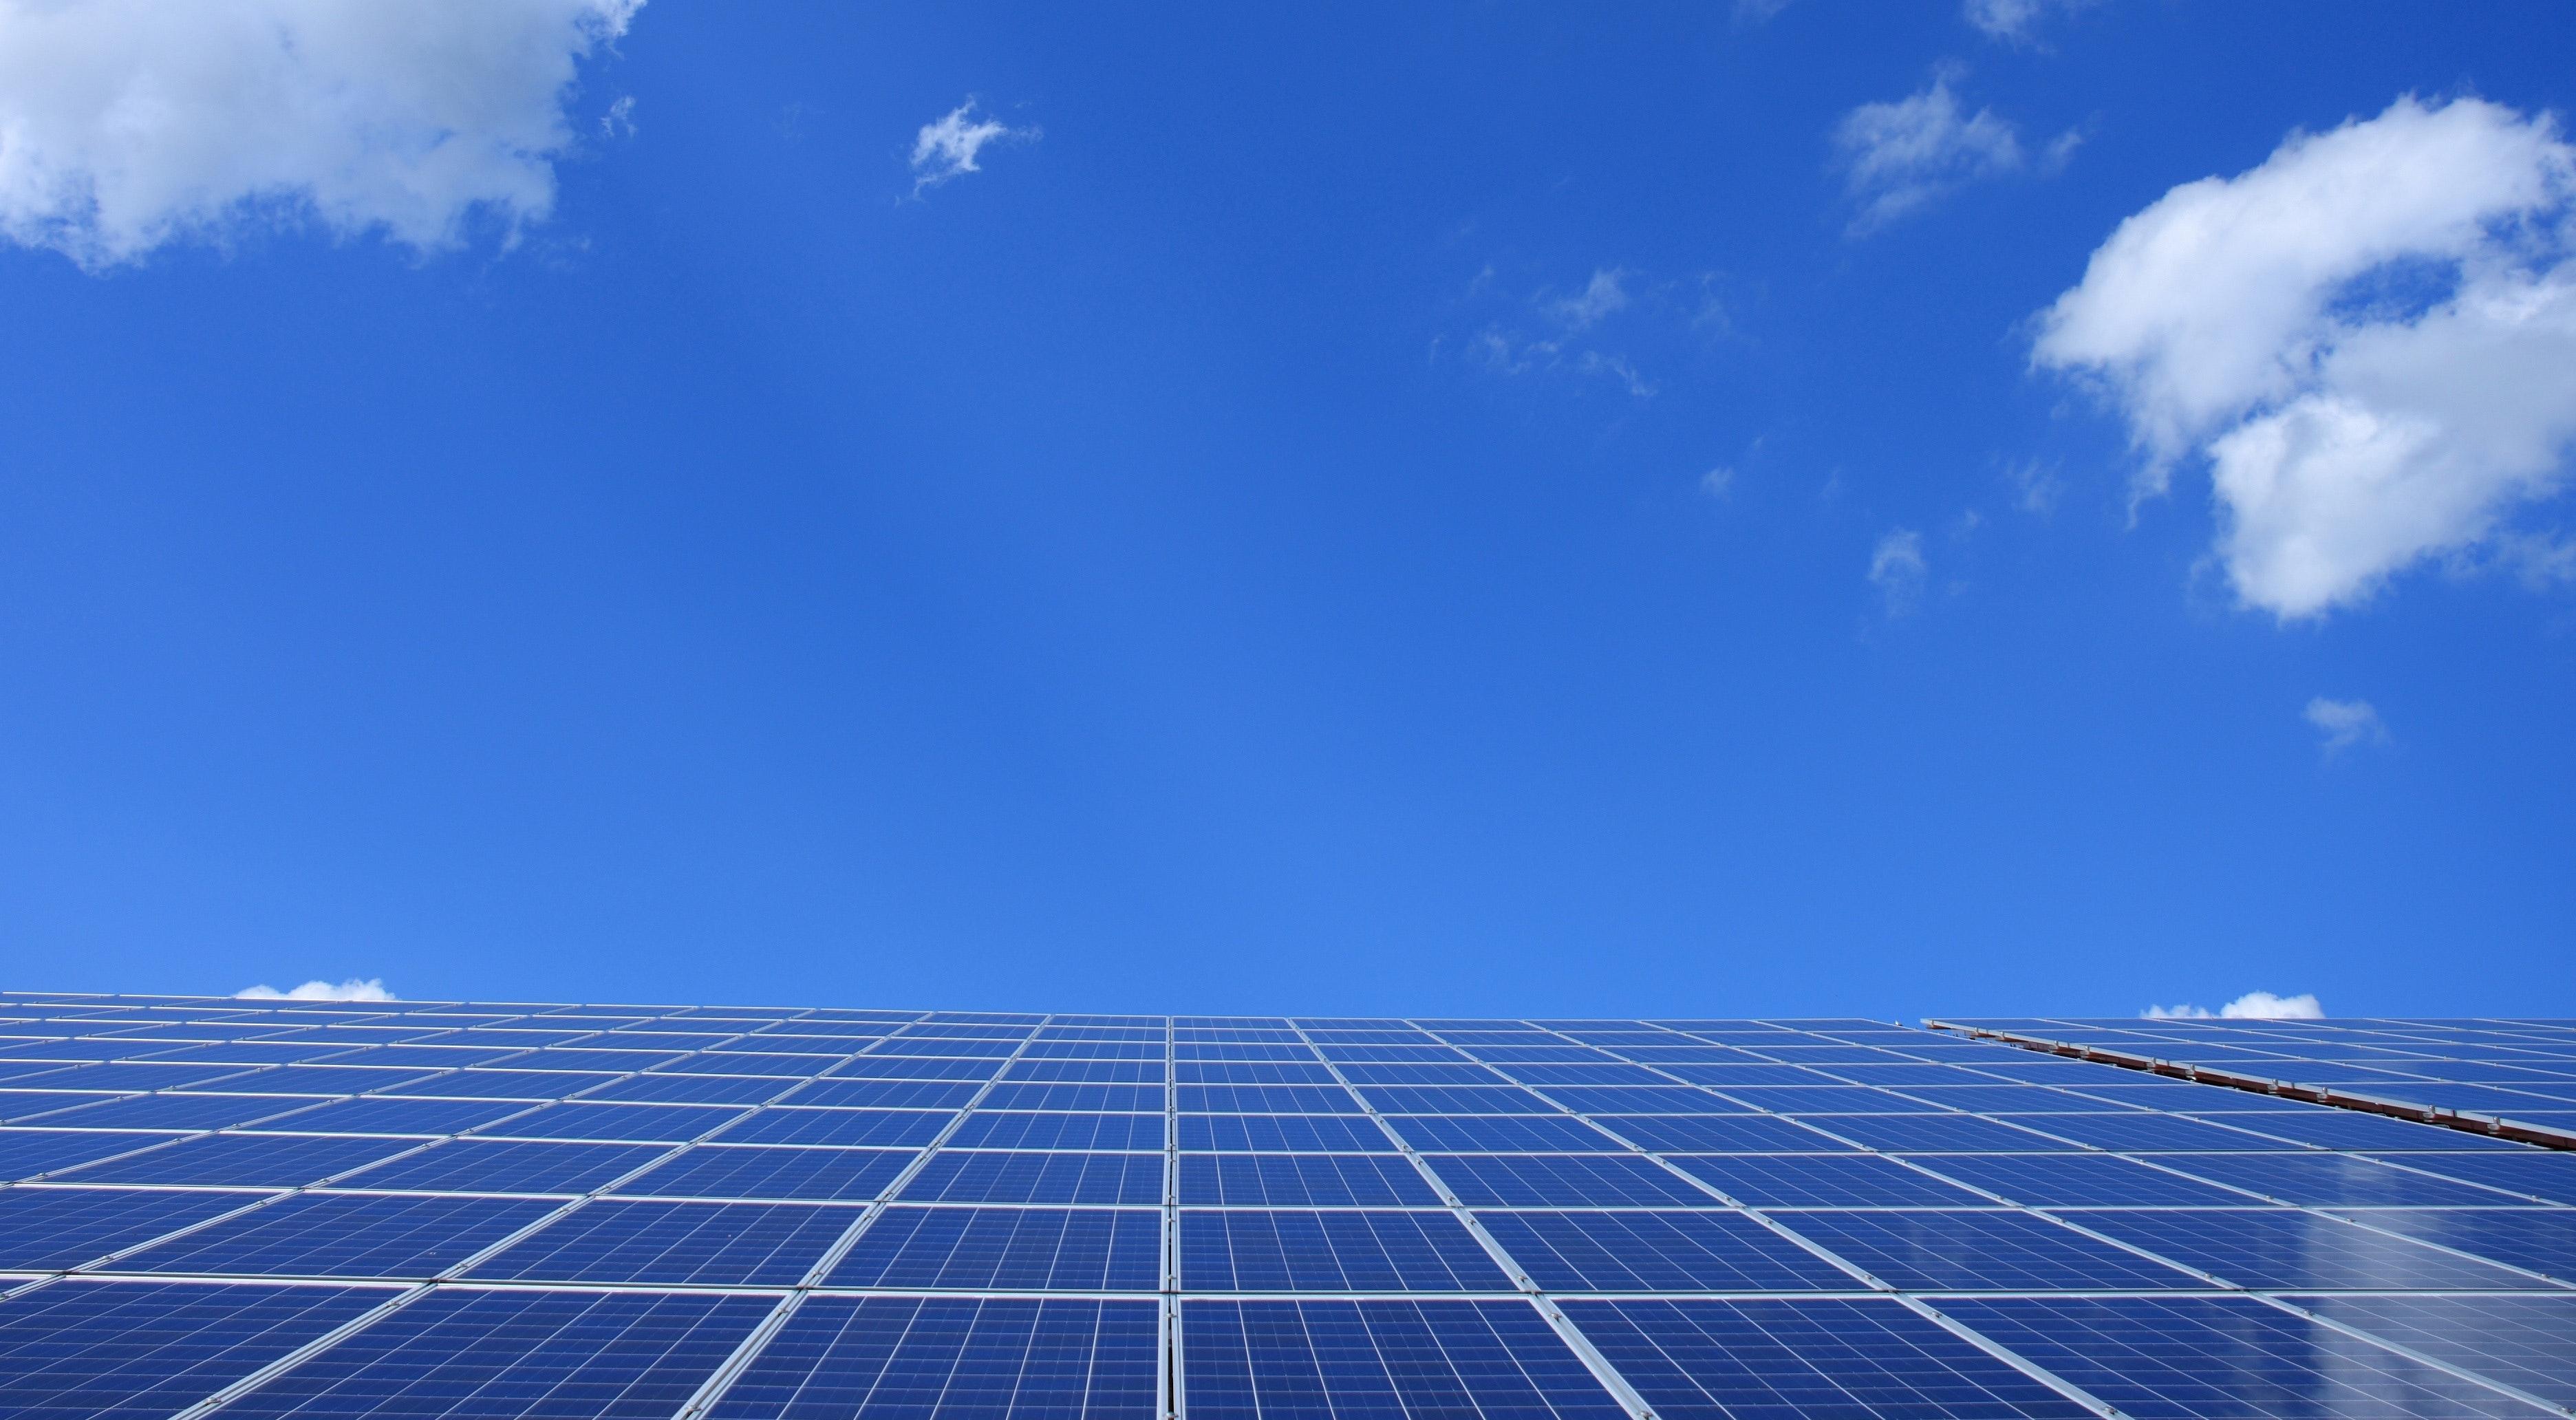 Impianto fotovoltaico: è necessario accatastarlo?